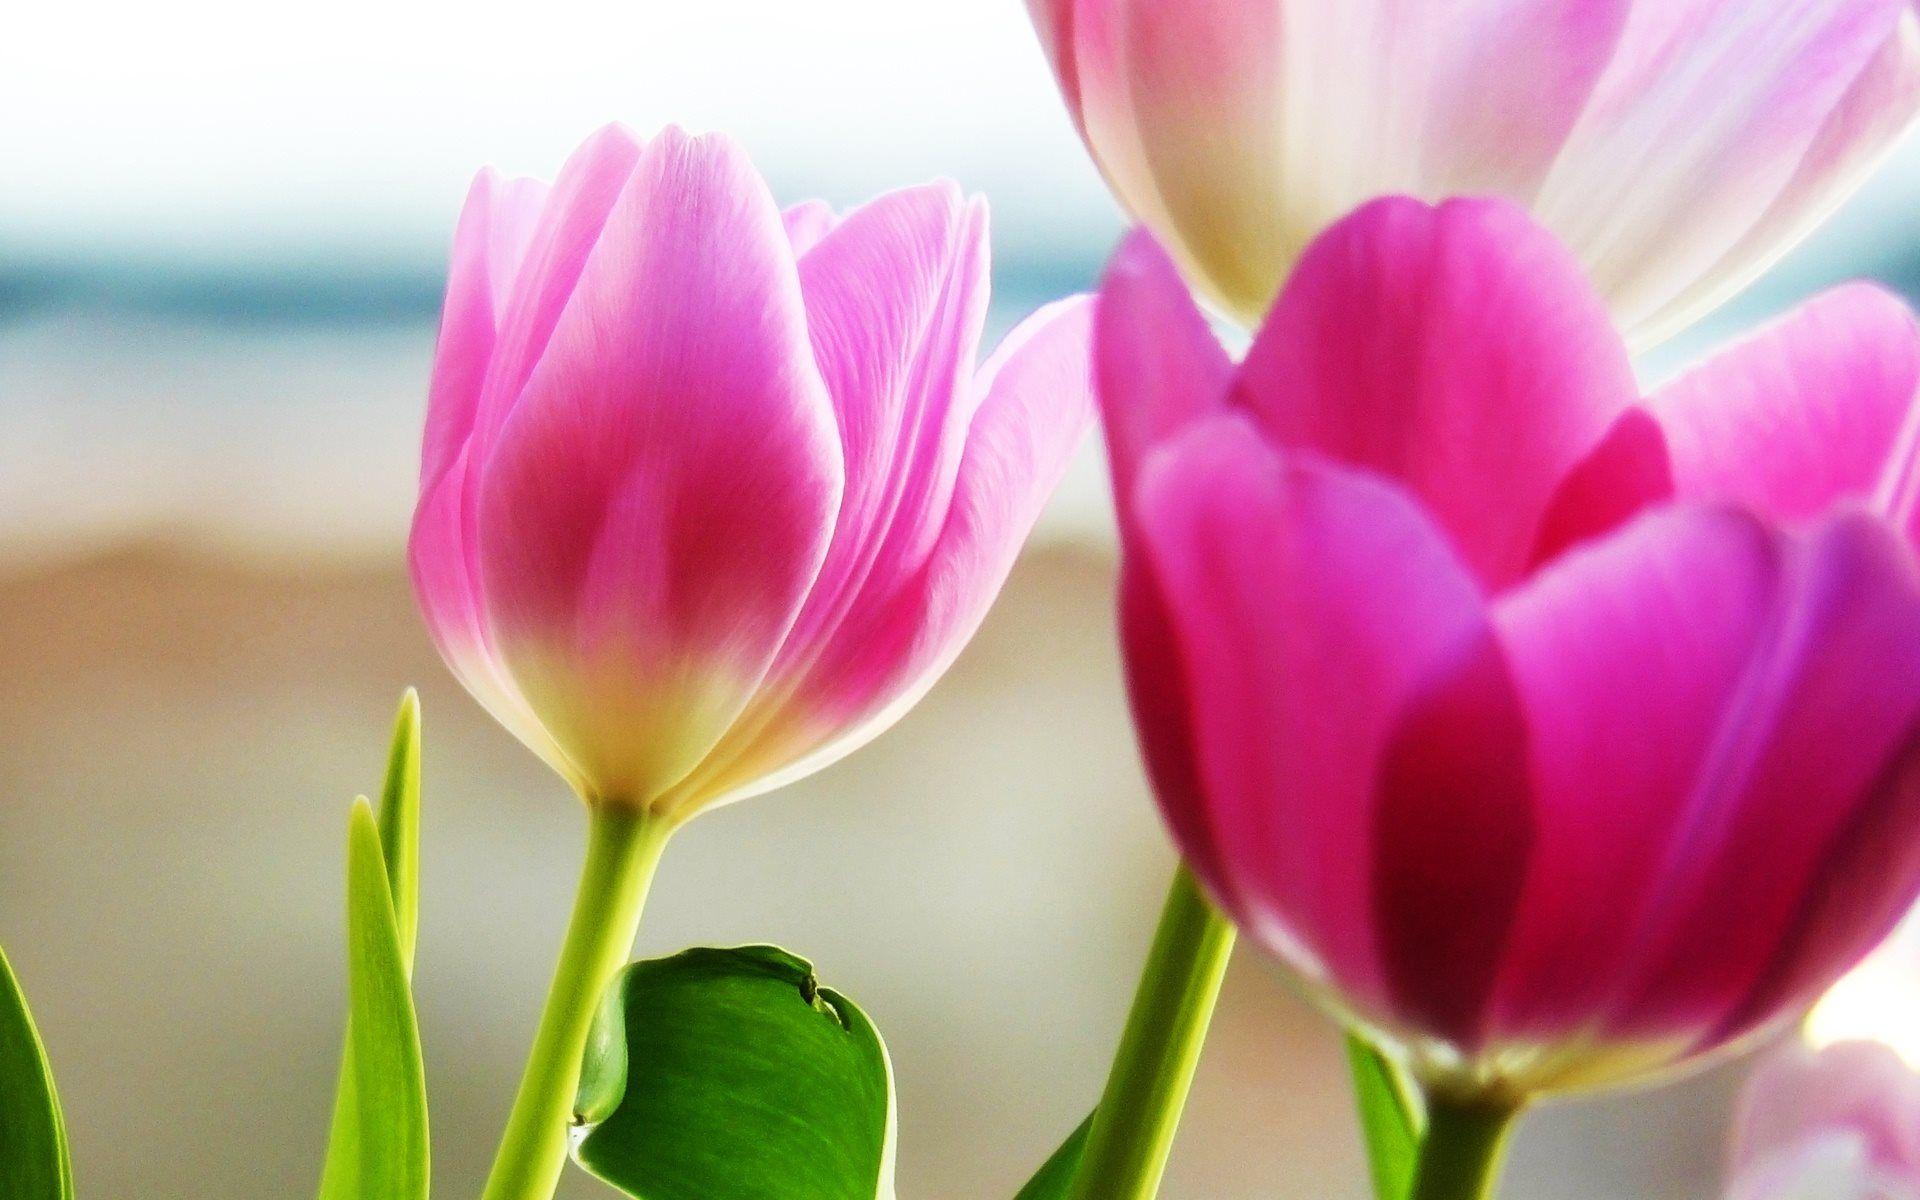 pink tulips wallpaper 4k free download